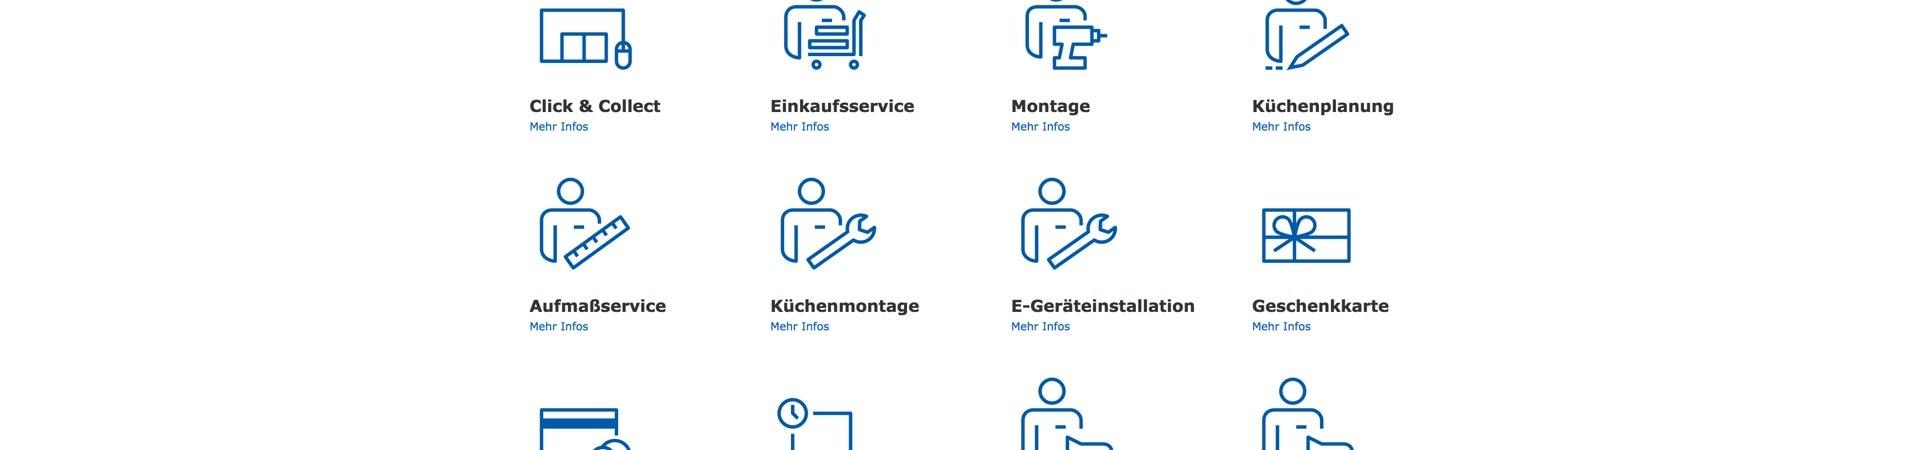 IKEA Kundenservice